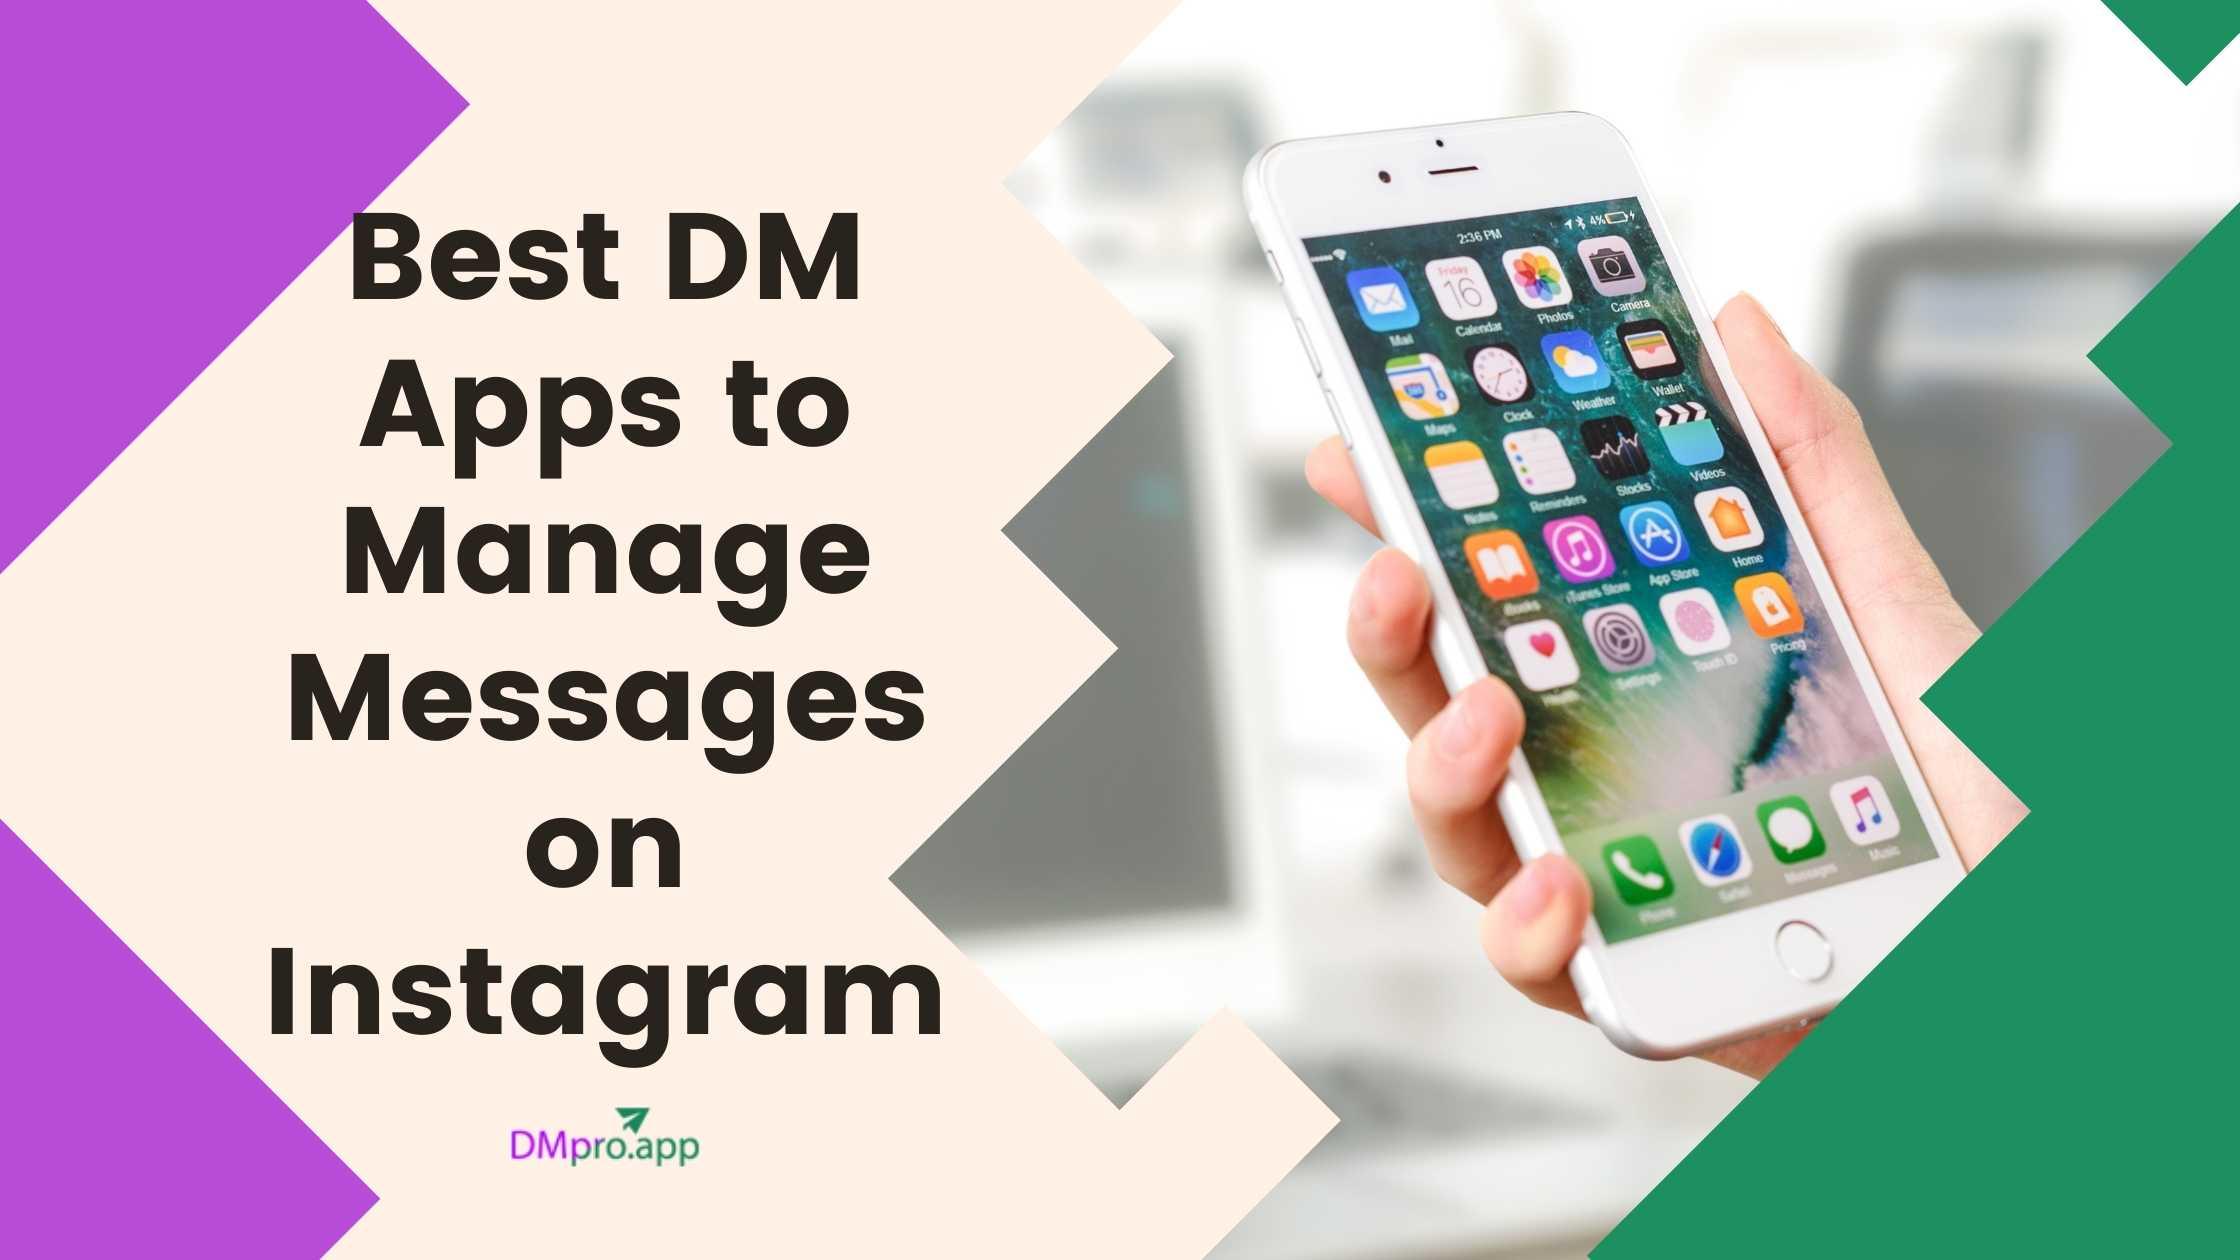 Instagram dm apps